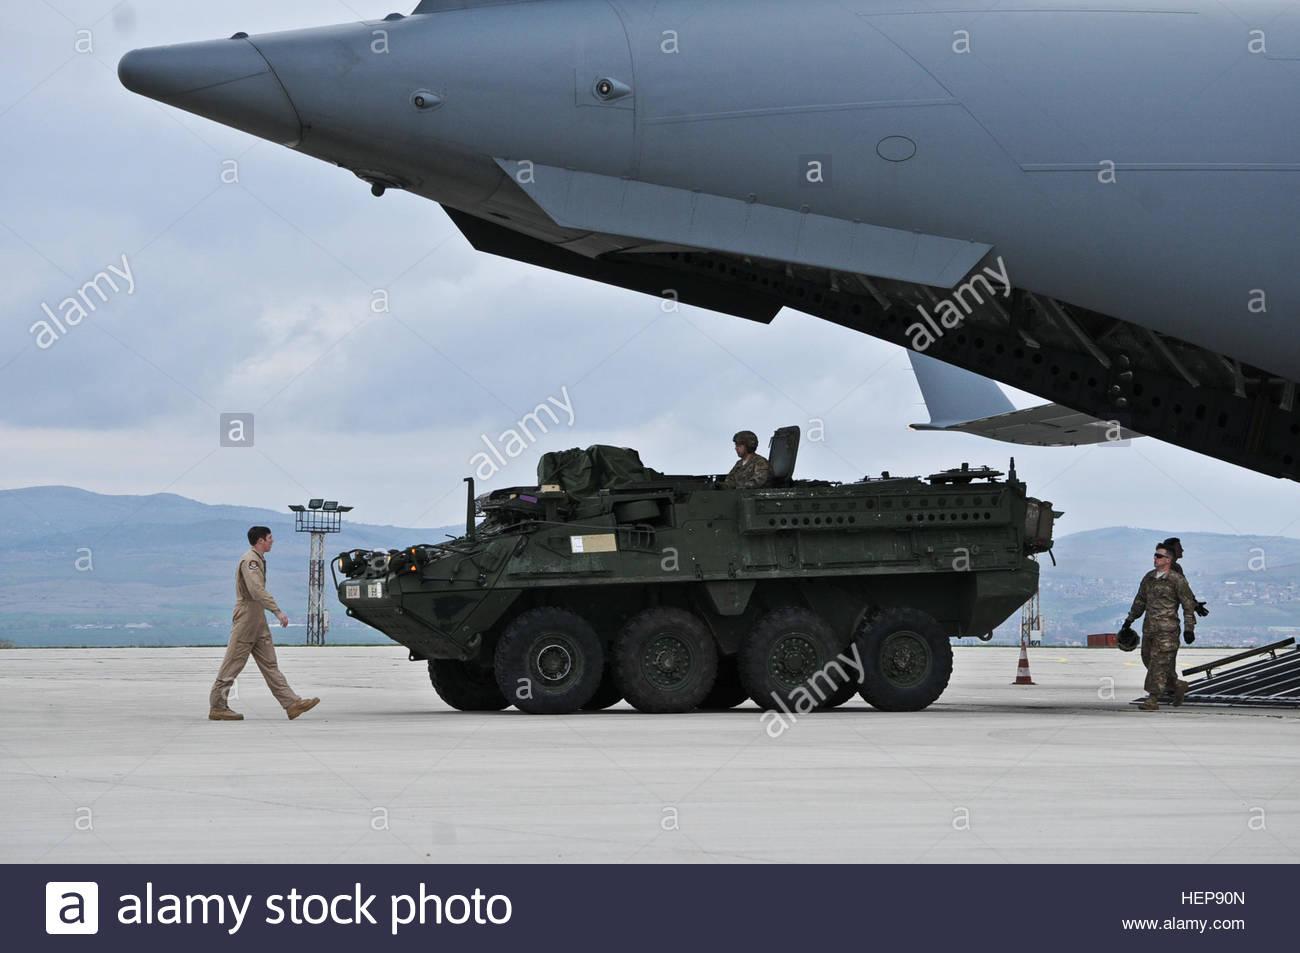 """C-17 Globemaster в аэропорту Бургаса. Аэропорт Бургаса был пунктом дислокации стратотанкера Боинг KC-135 для дозаправки в воздухе стратегической авиации, направляющейся в Ирак в операции """"Иракская свобода"""""""